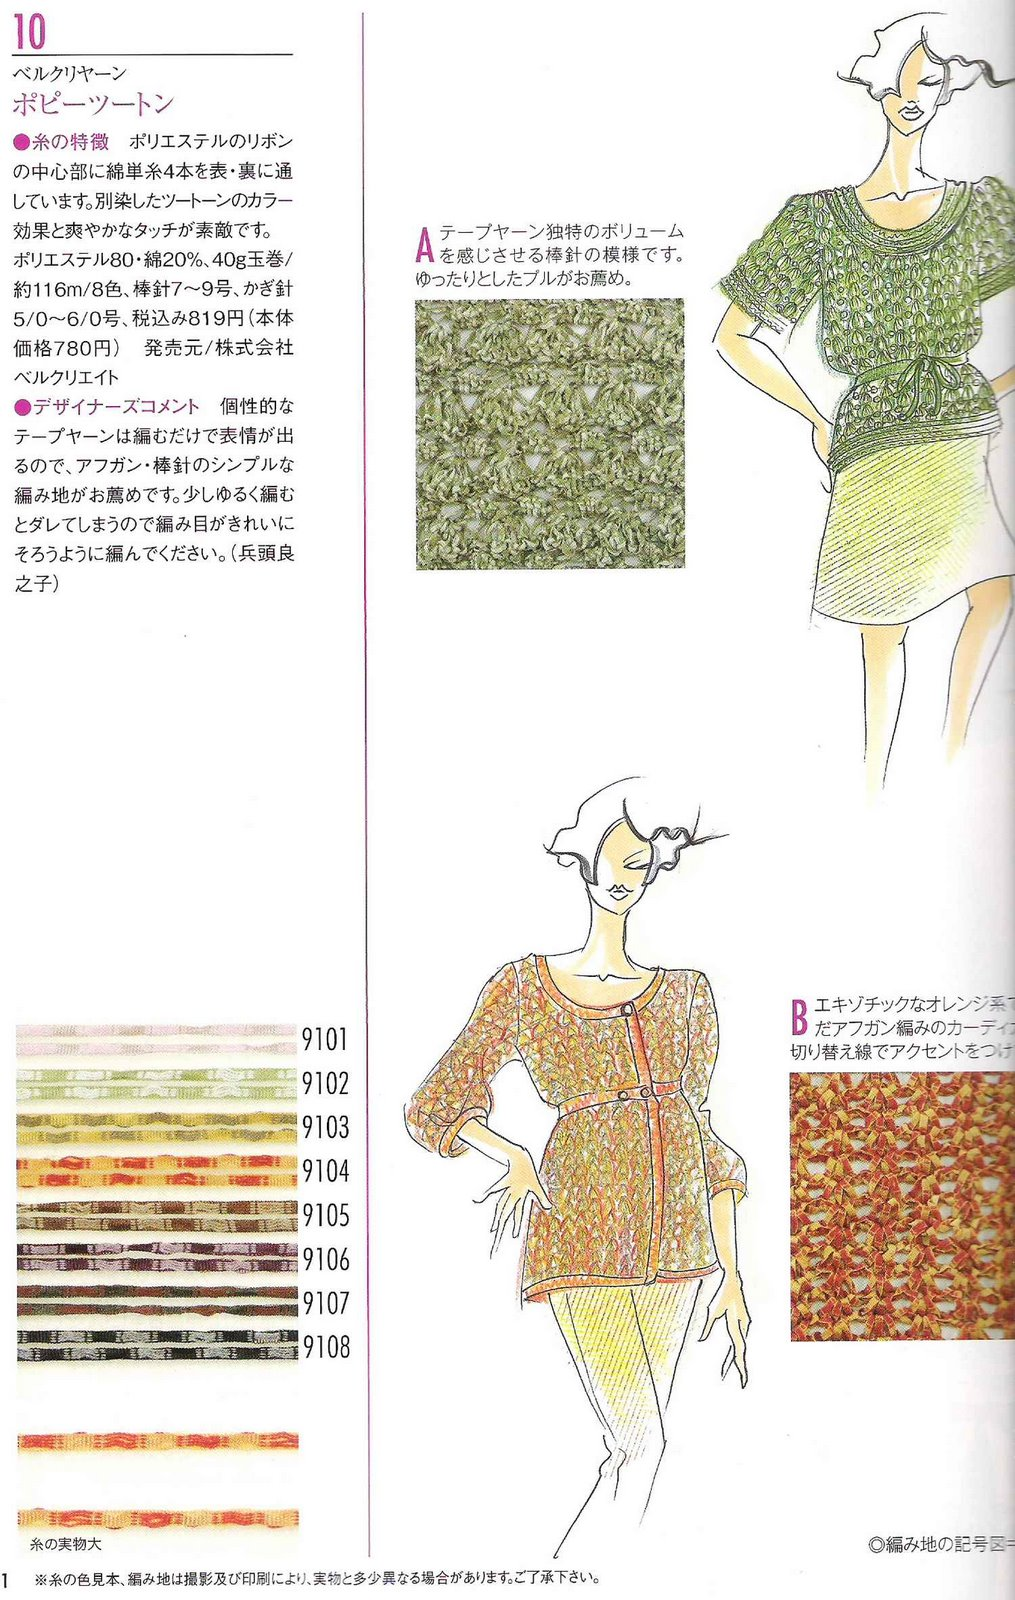 【转载】Amu 2008 03 上 - 荷塘秀色 - 茶之韵